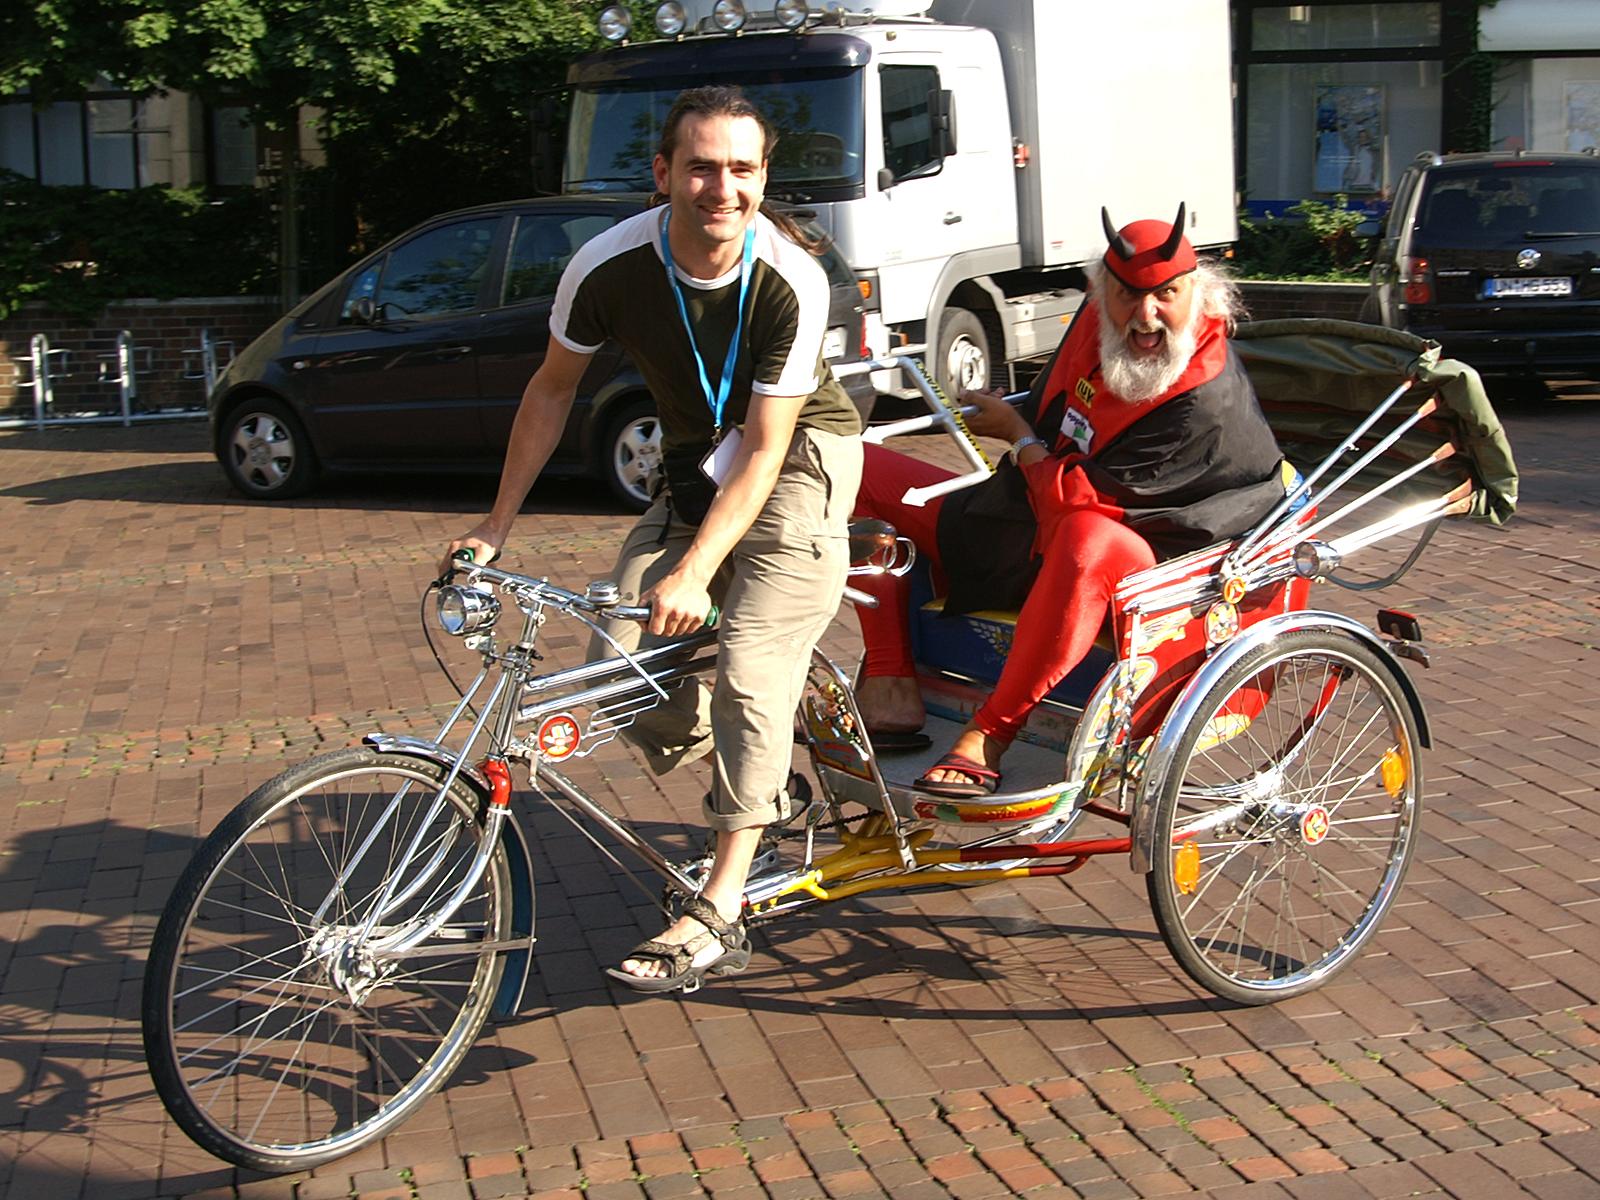 Mieten Sie diese Original-Fahrradrikscha!